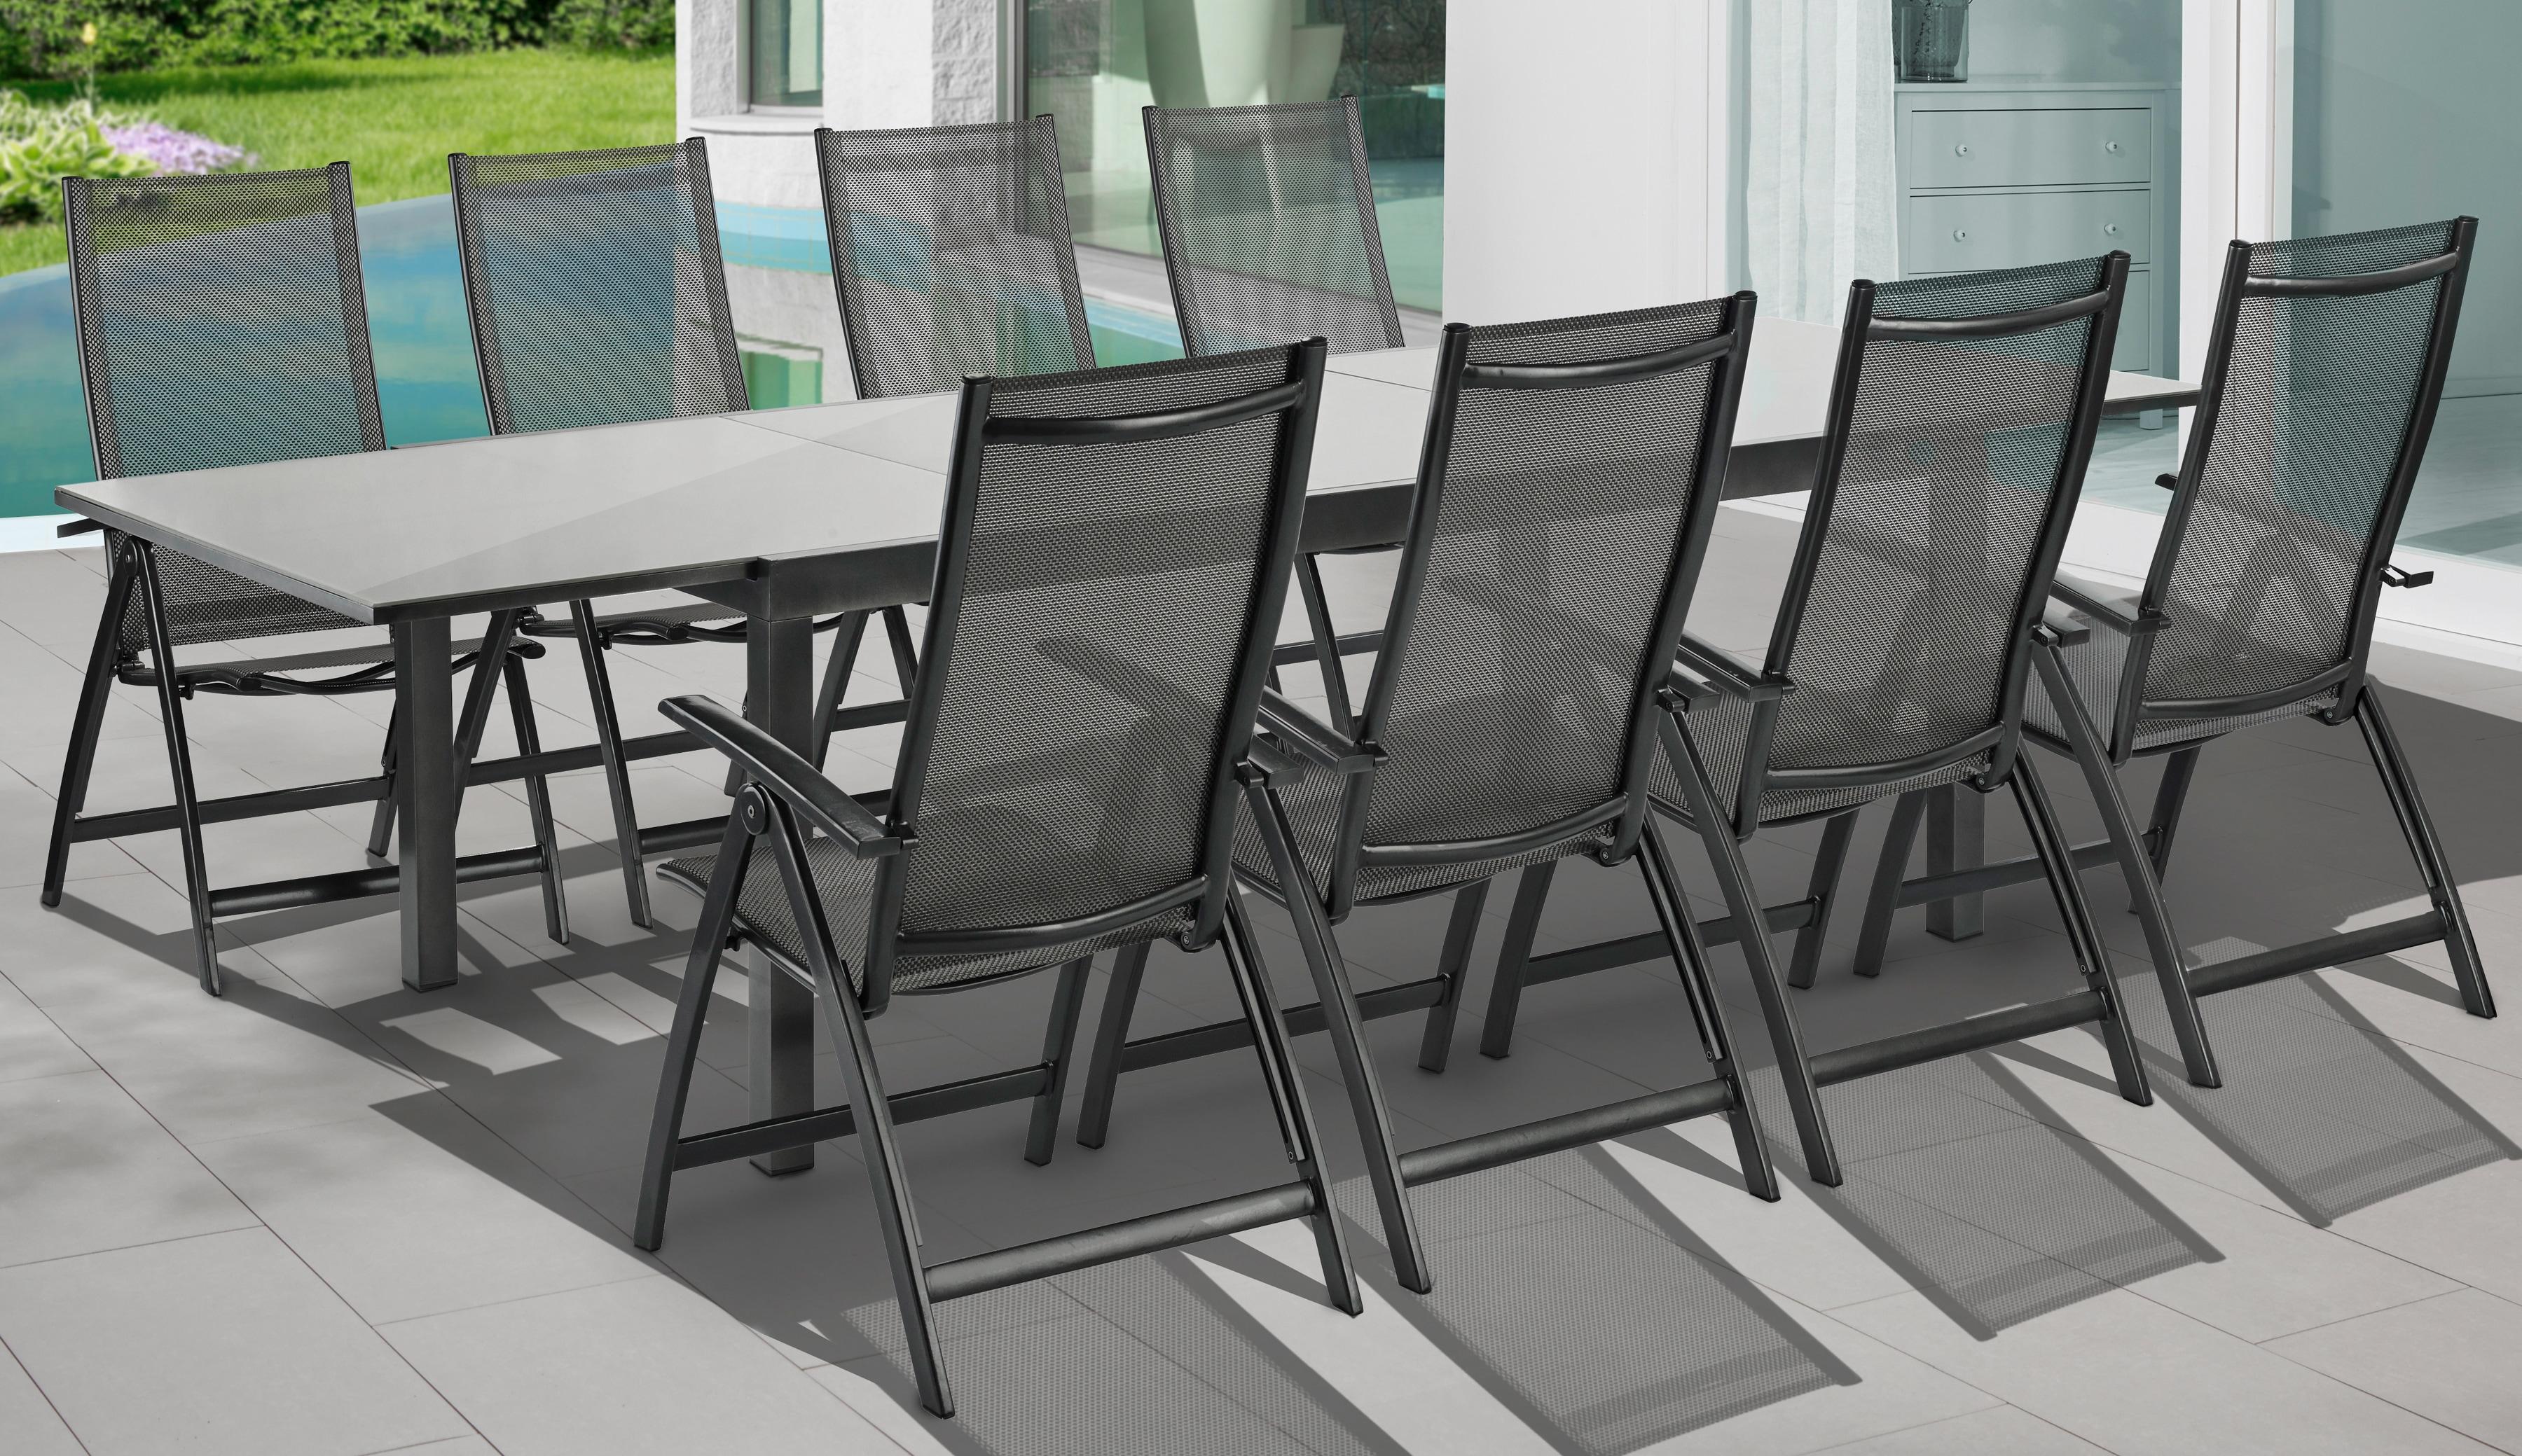 MERXX Gartenmöbelset Vicenza 9-tlg 8 Klappsessel Tisch 110x200 cm Alu/Textil grau